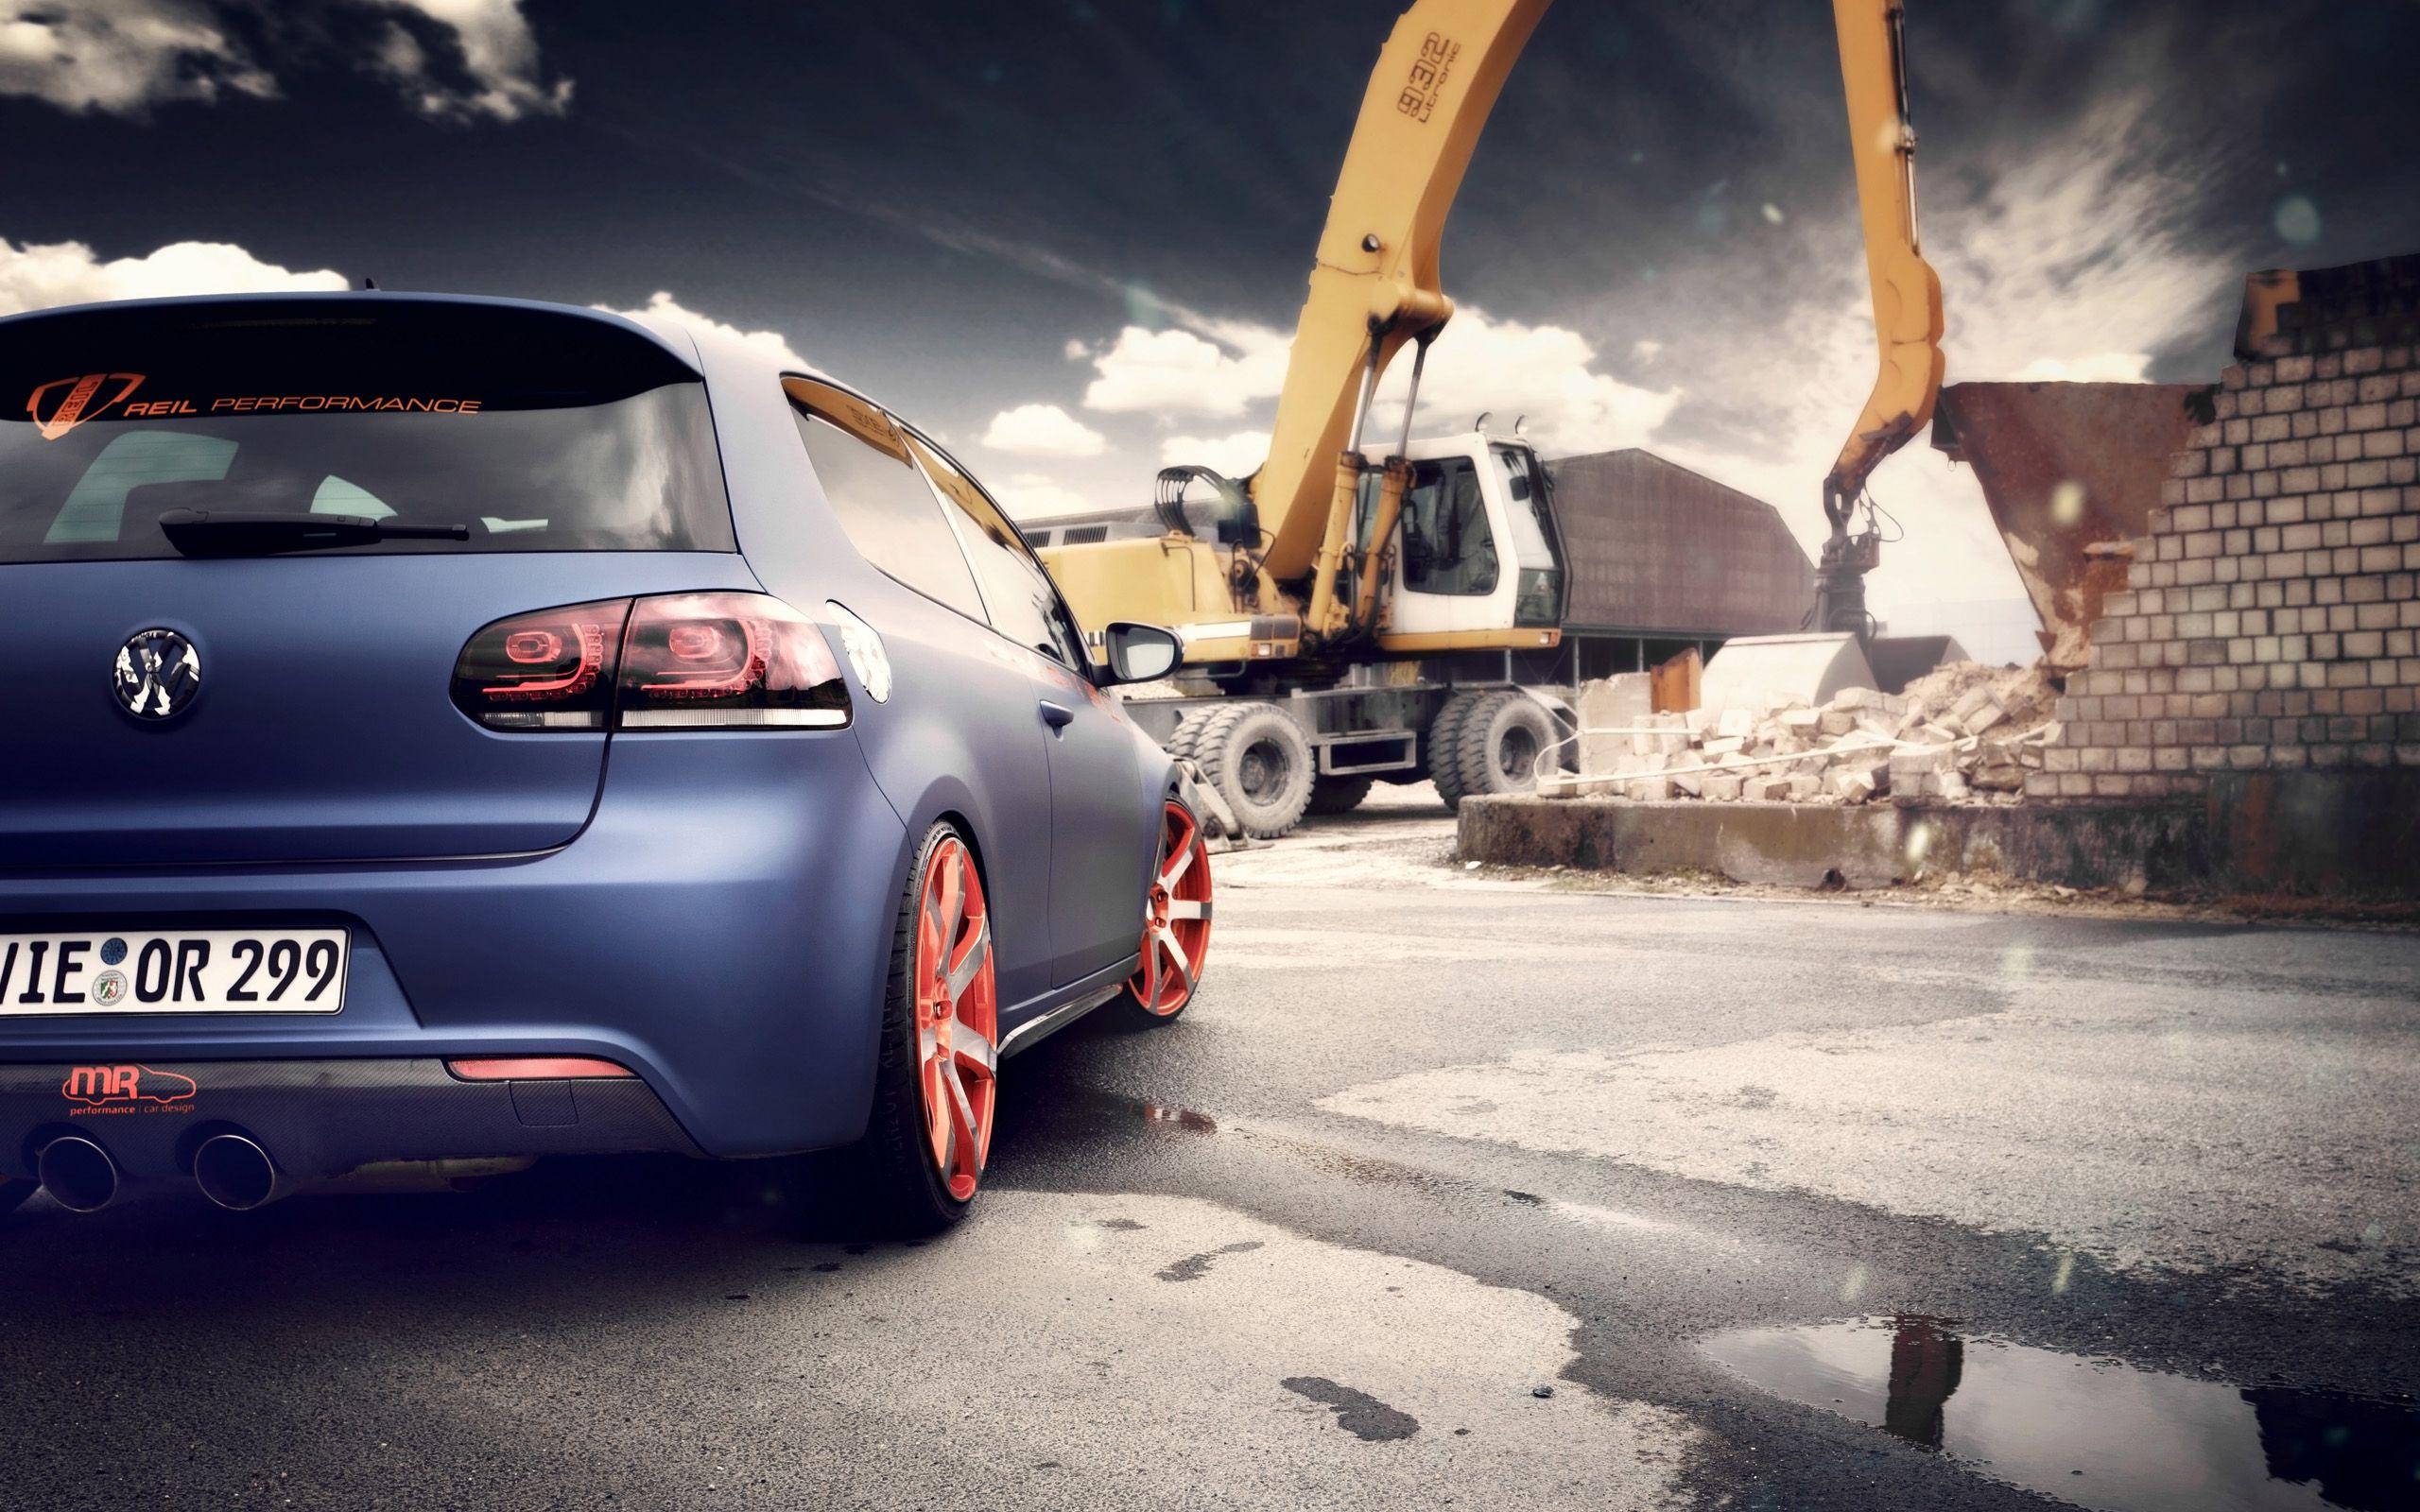 2012 BBM Volkswagen Golf Wallpaper Free Download Resolution